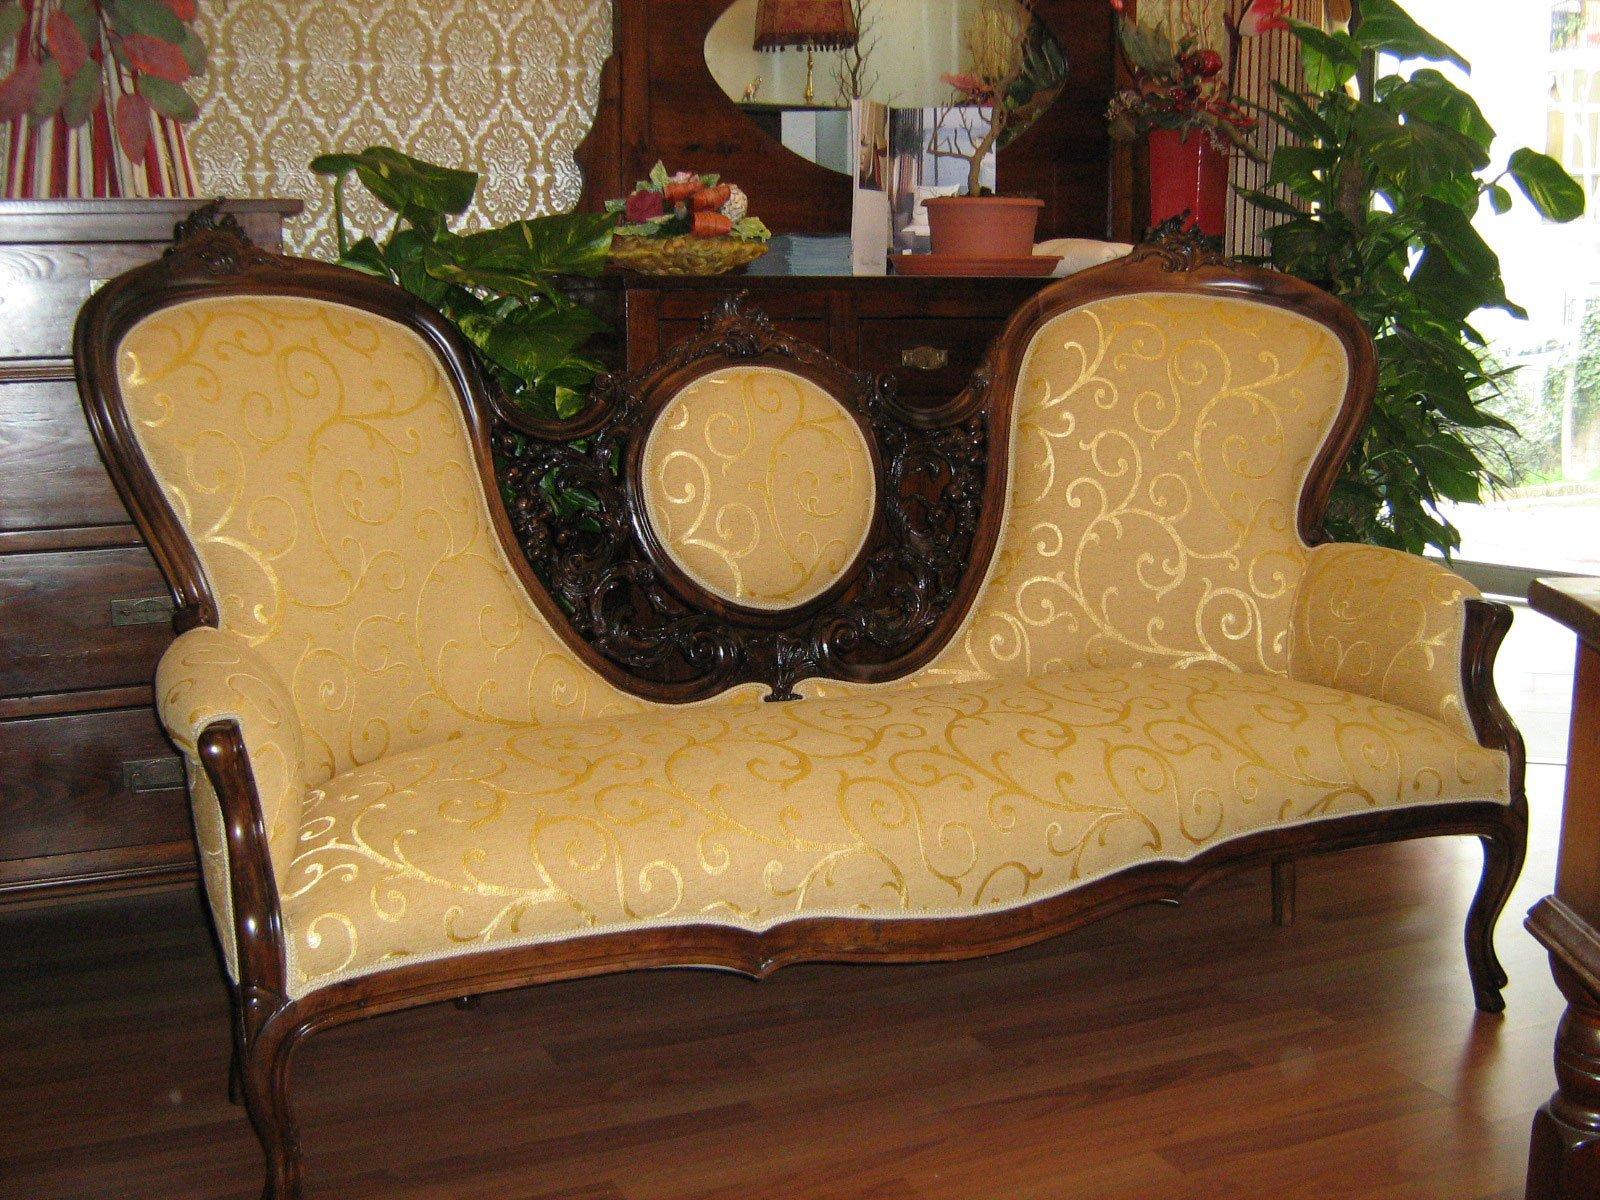 Un divano in legno con dei cuscini ricoperti in color beige